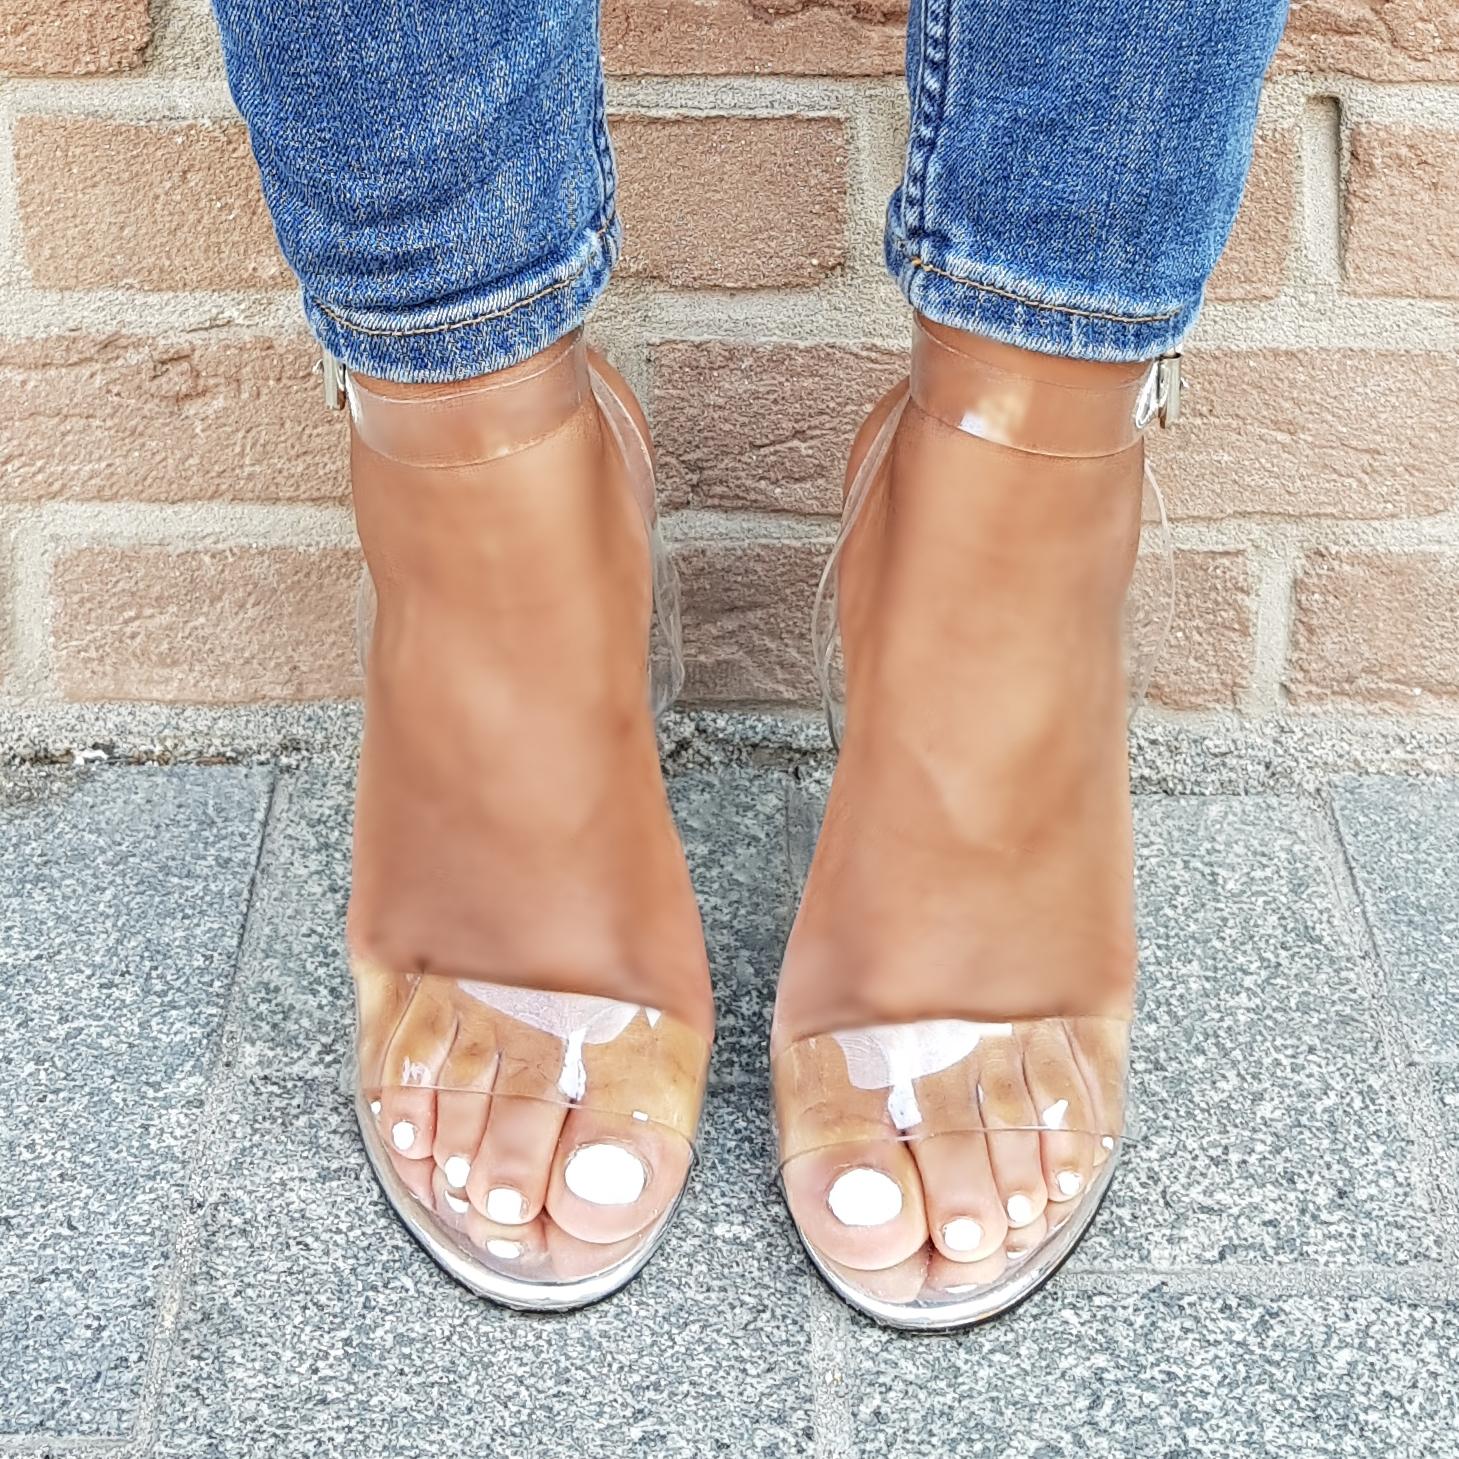 Sandalen van doorzichtig perspex met blokhakken in zilver   Doorzichtige sandalen met blokhakken.